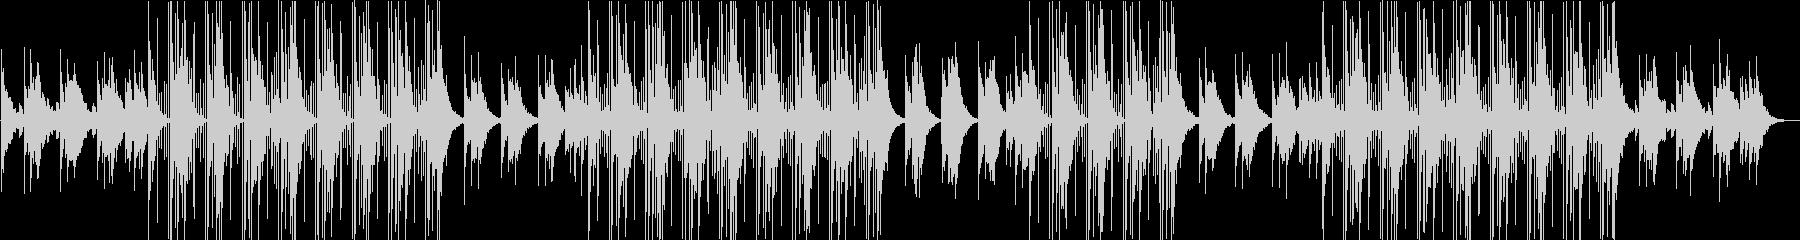 幻想的な洋楽トラップポップ♪の未再生の波形